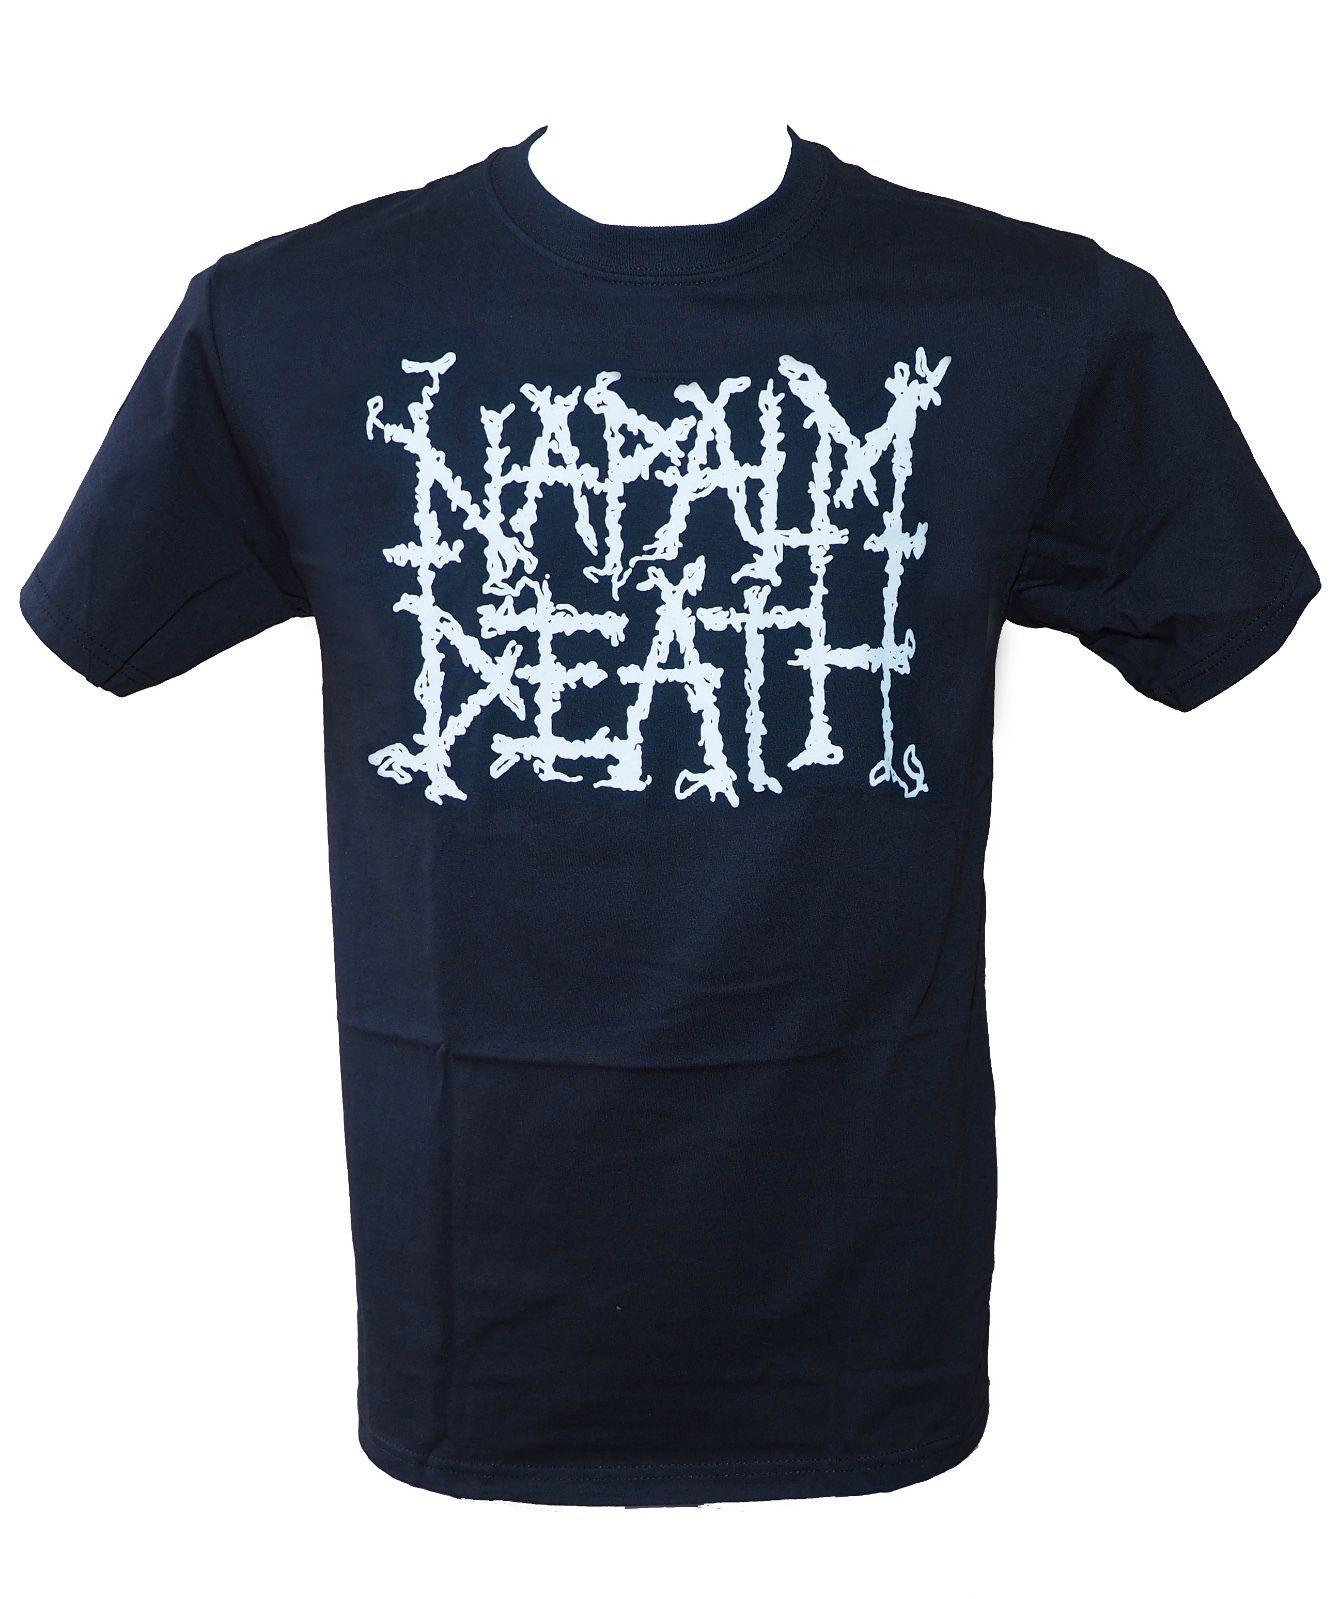 Napalm Death-Logo-Camiseta autorizada oficial-Nueva M L Xl 2 xlrecién llegada camisetas para Hombre Camisetas con niño Tops descuentos Casual